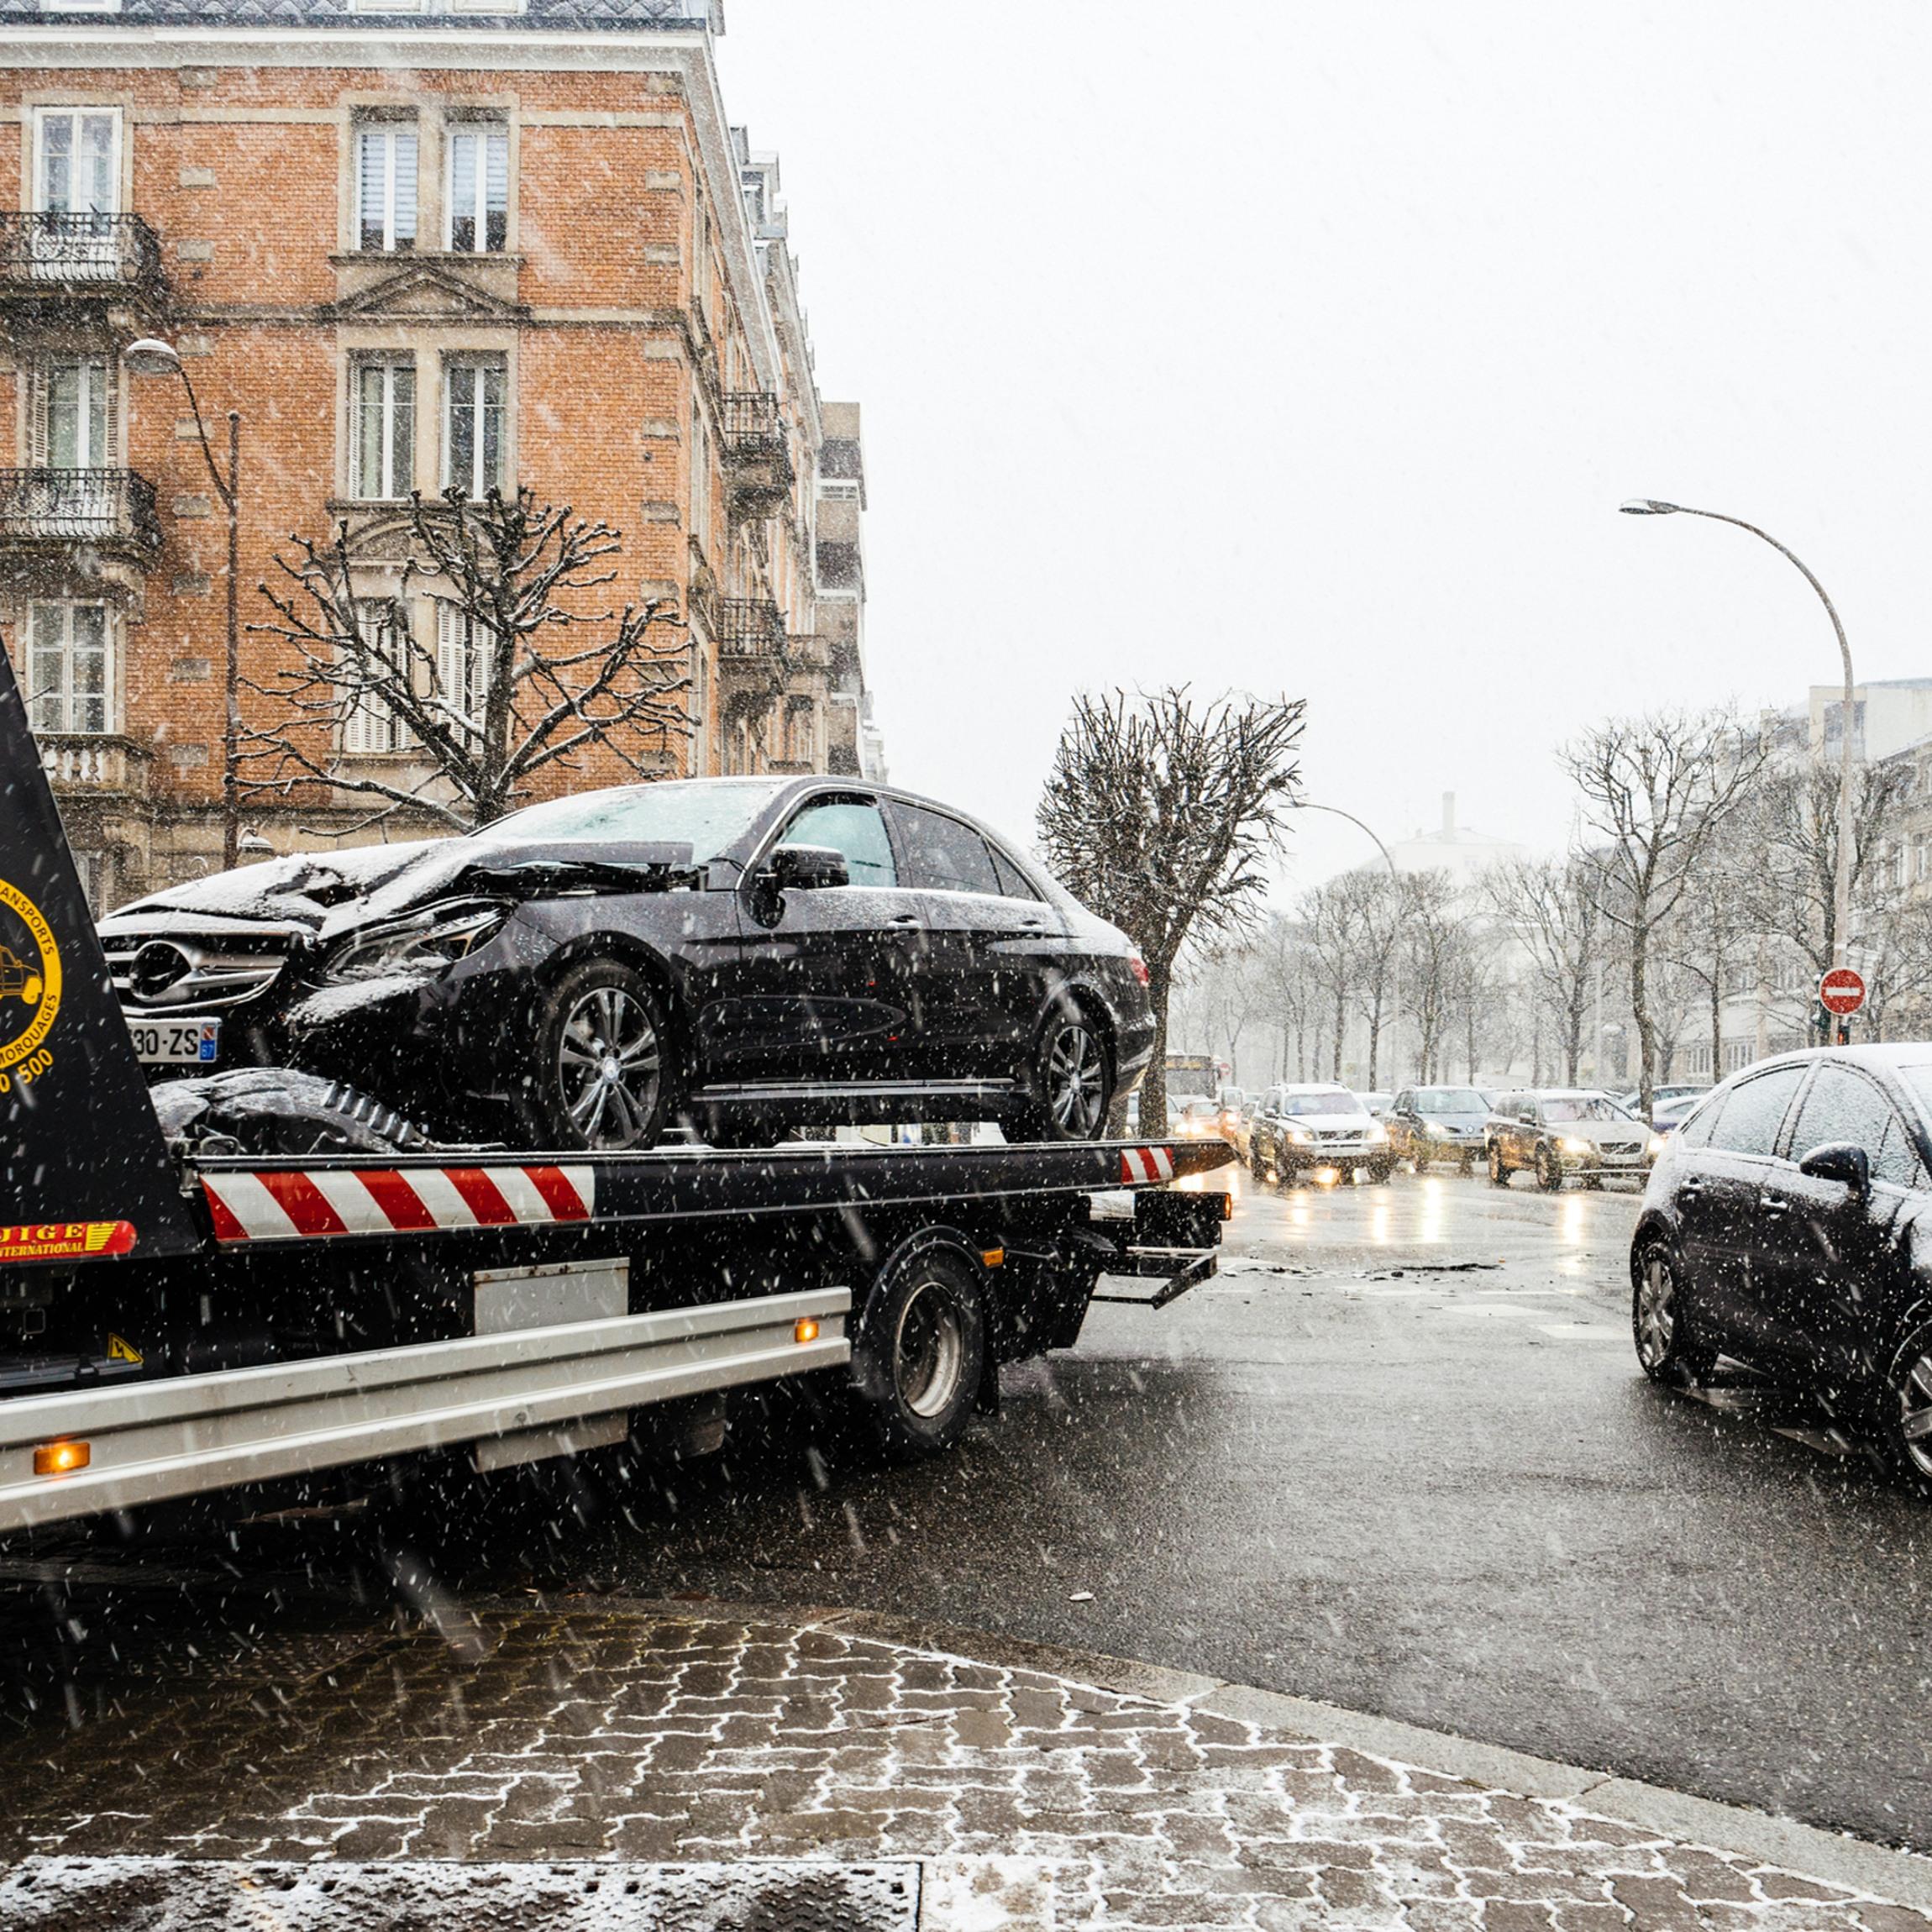 Cession D Un Vehicule Pour Destruction Ce Que Vous Devez Savoir